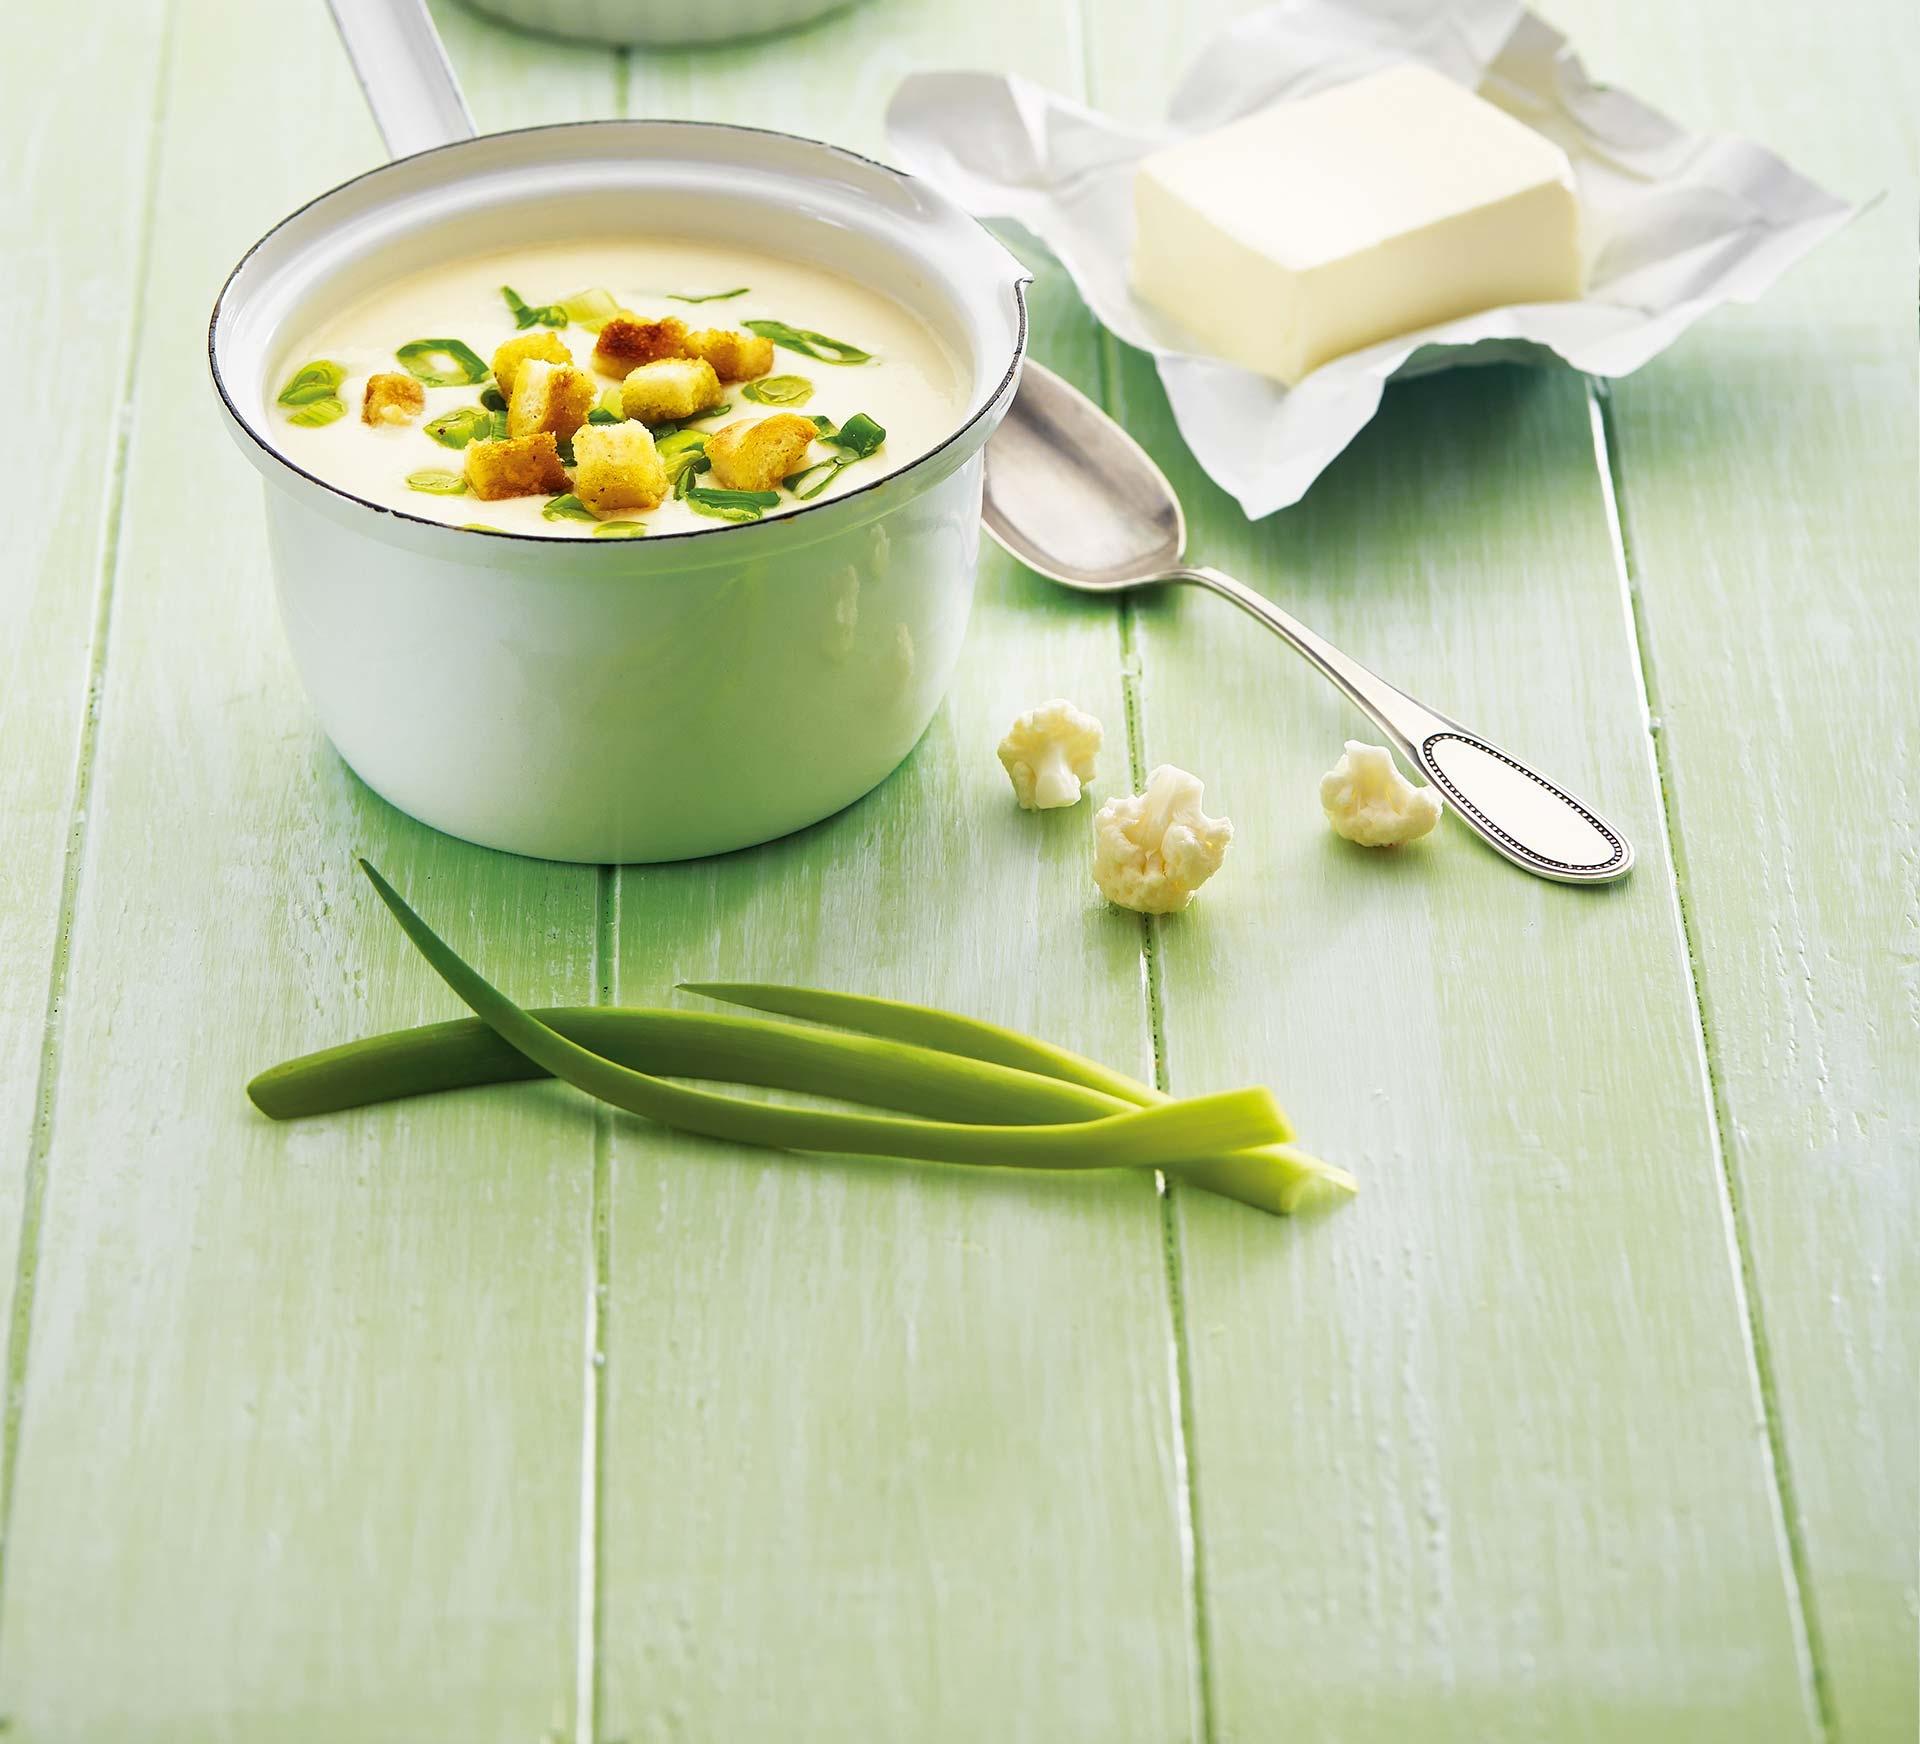 Lučinová polévka s květákem